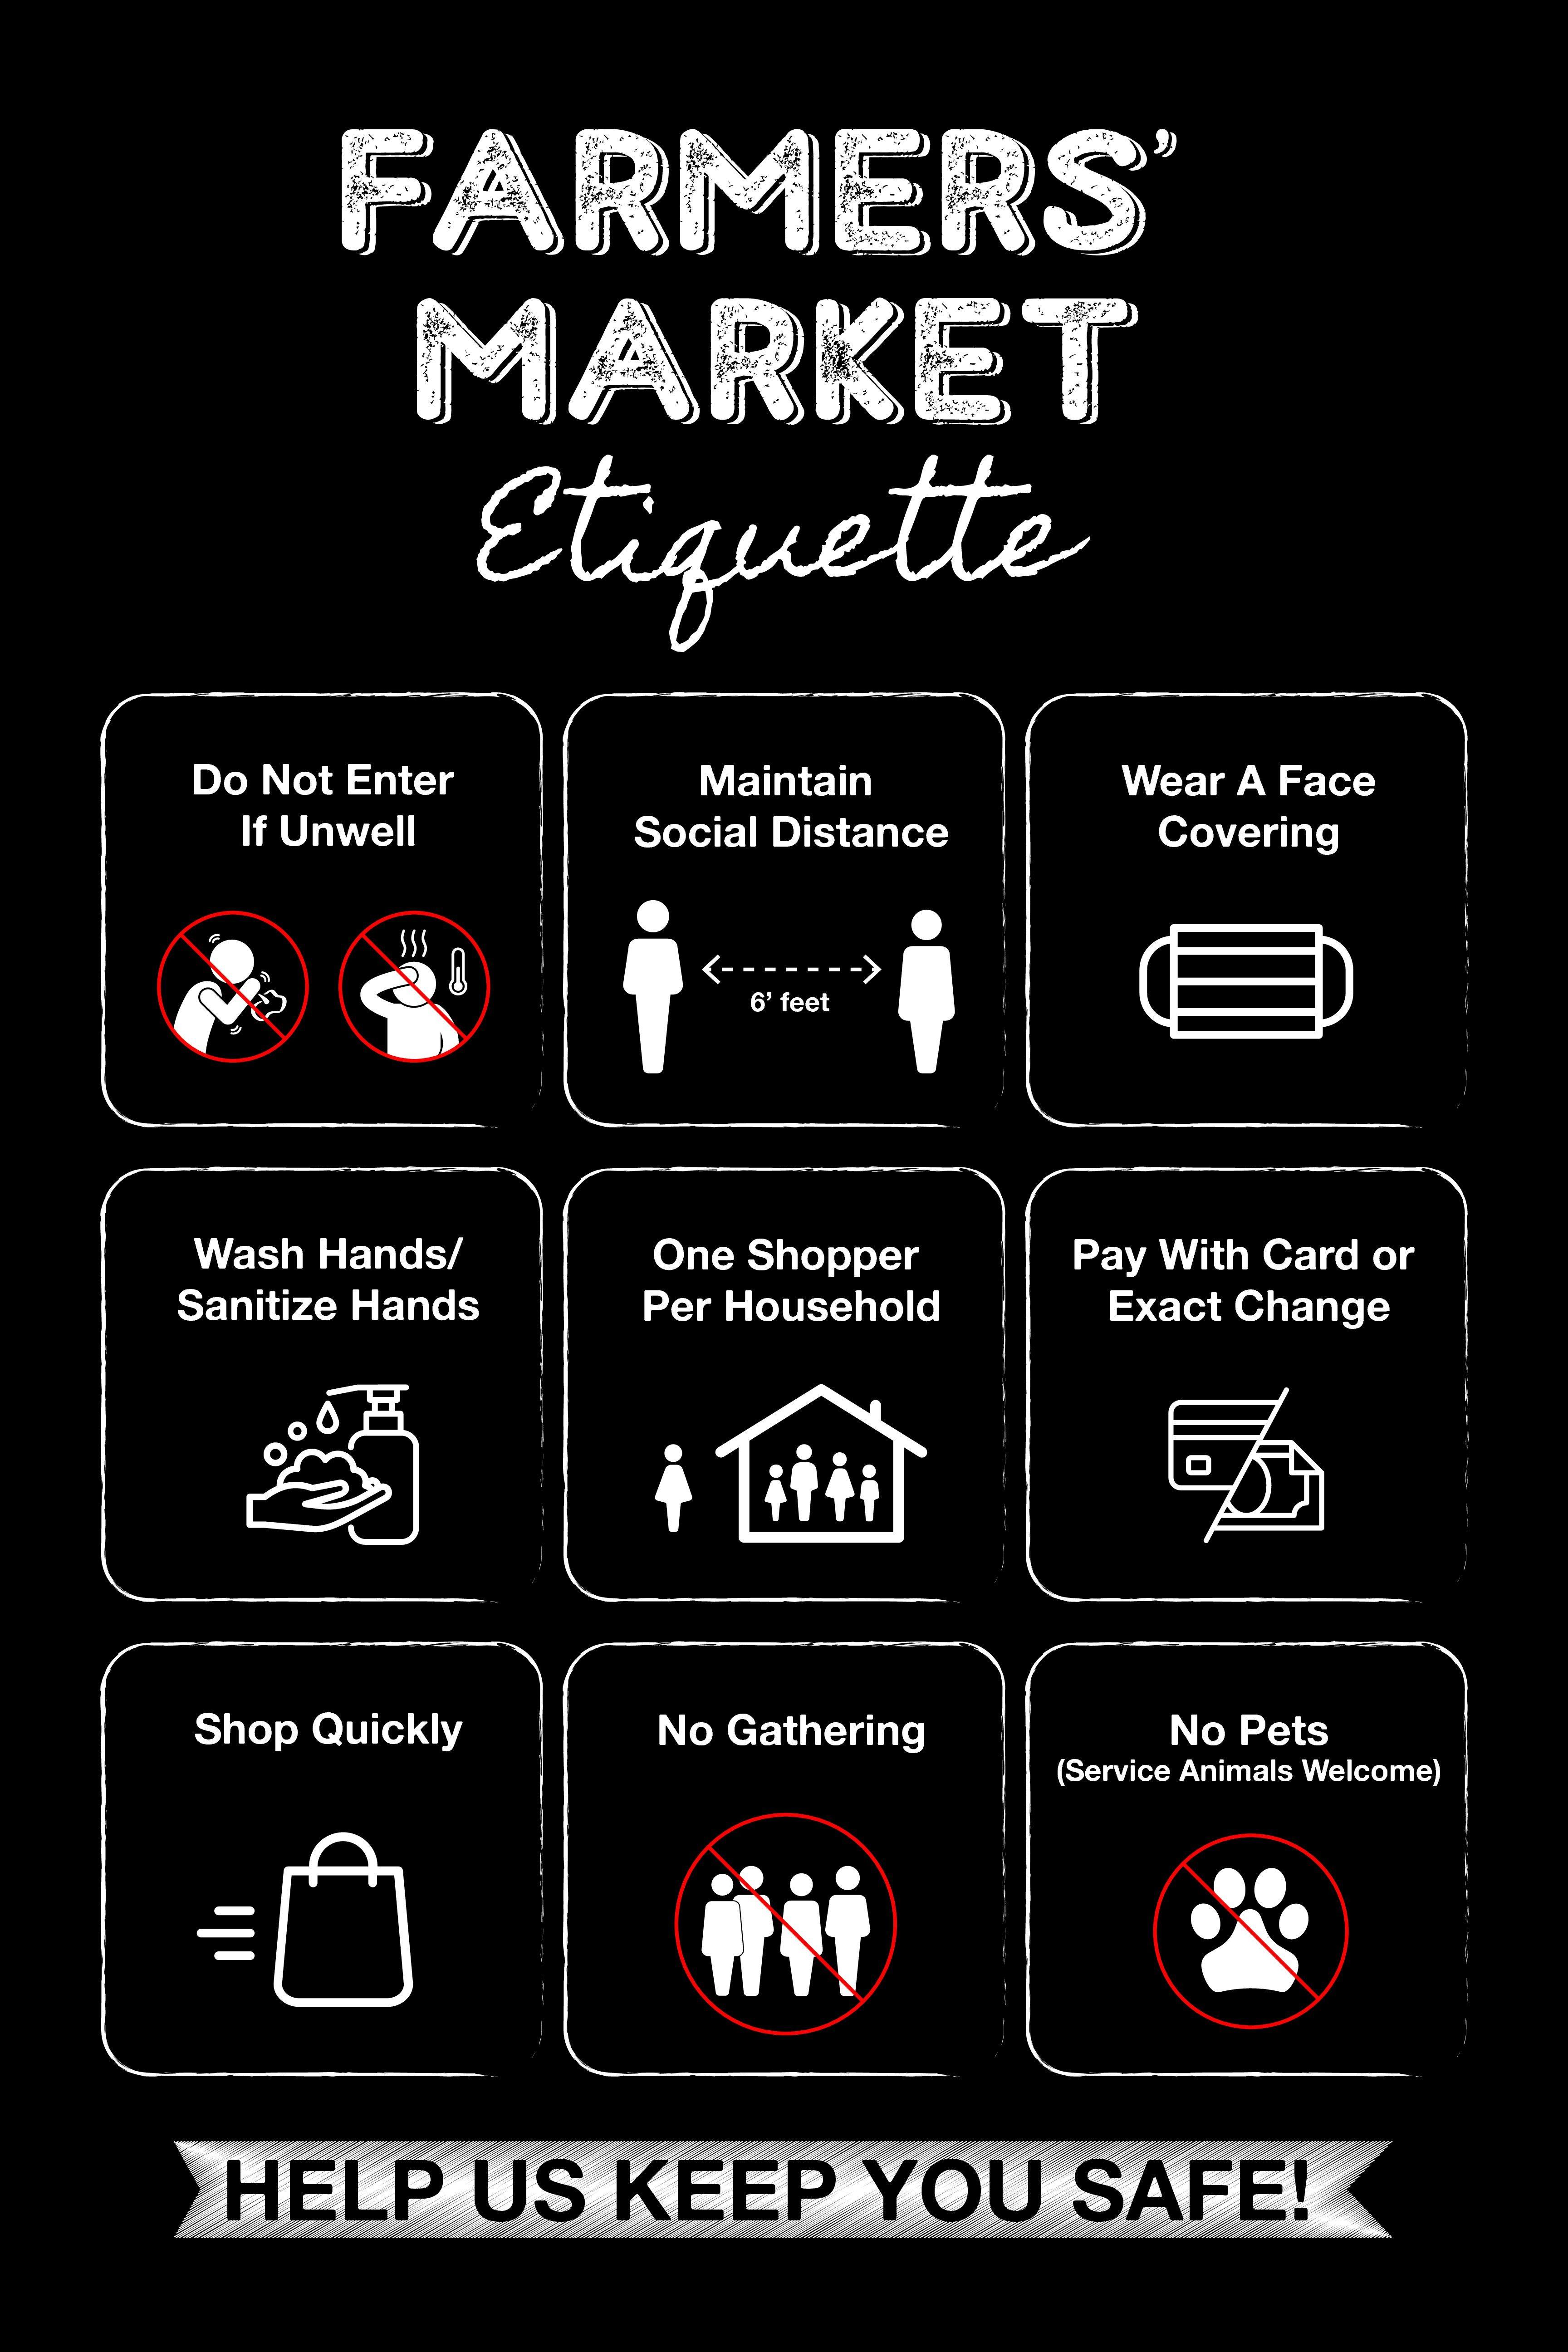 Market Etiquette